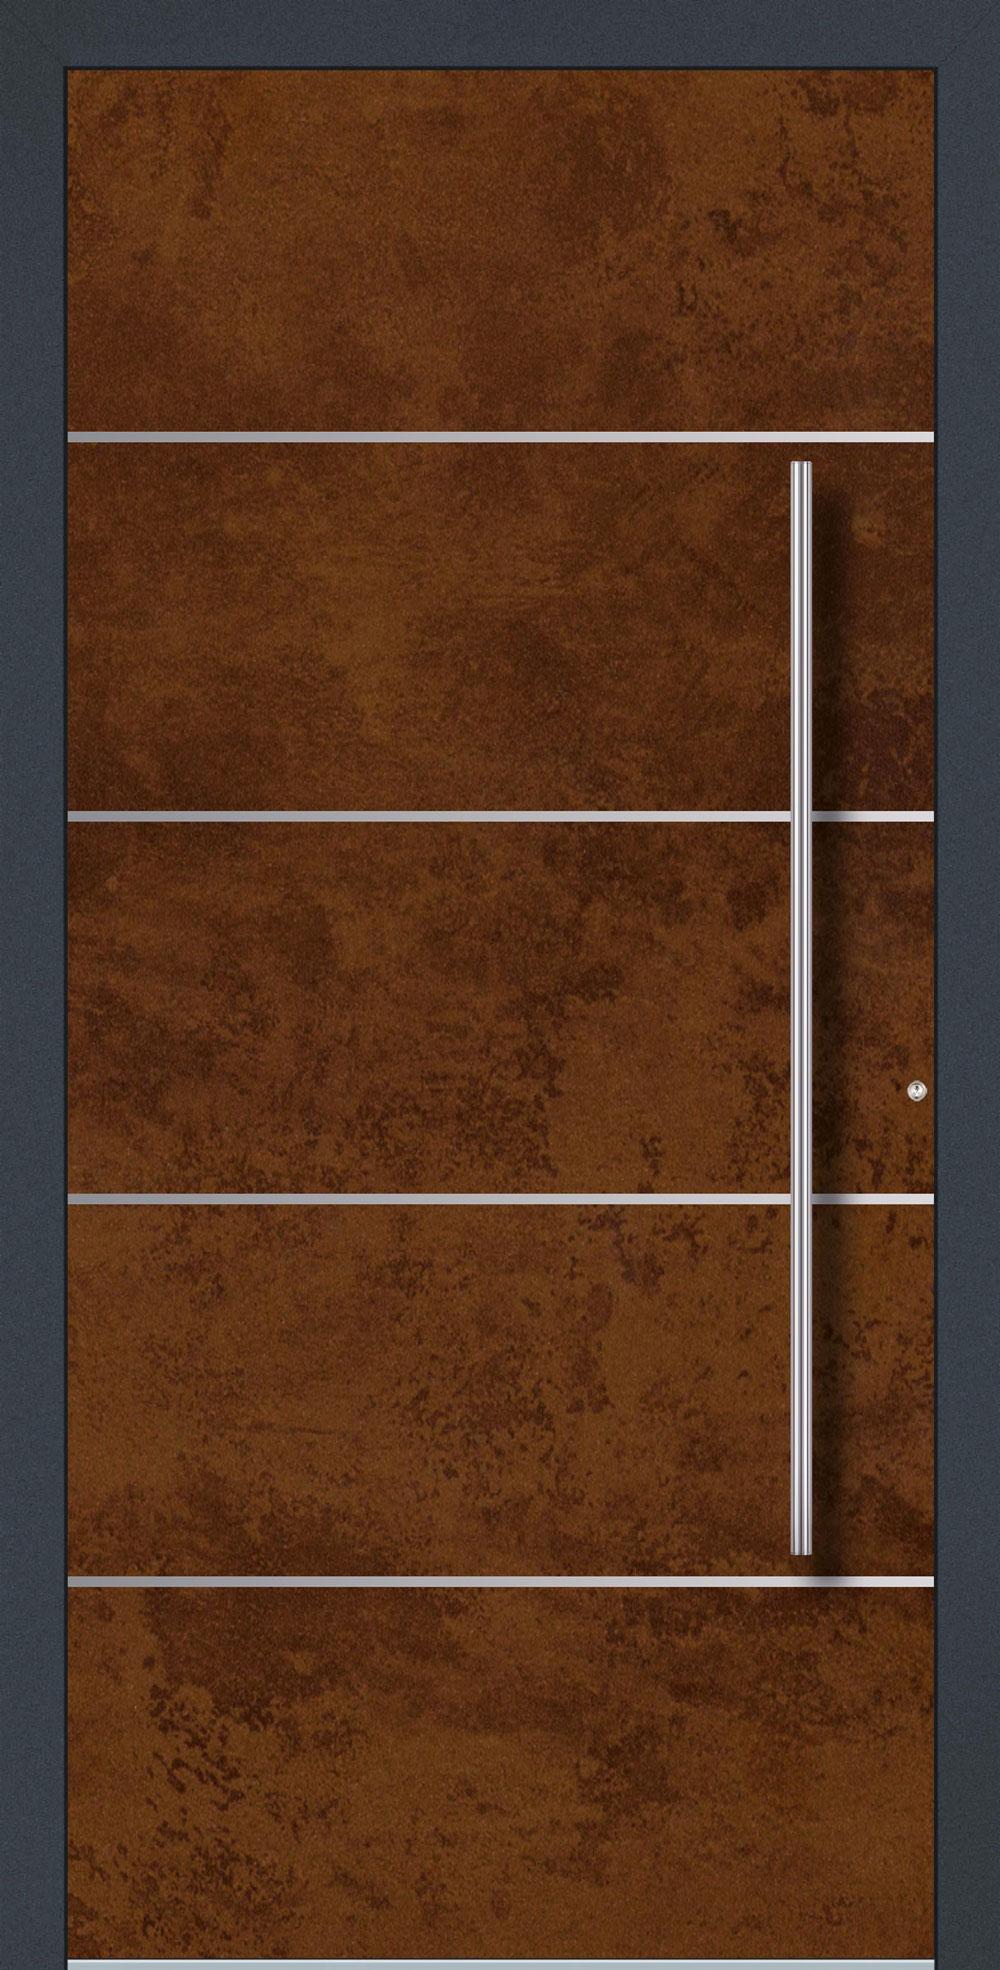 RE01 komplett geschlossen Rostoptik Vintage & Streifen in Edelstahl-Optik einseitig außen Anwendungsbeispiel in flügelüberdeckend, Edelstahlgriff 1200 ES